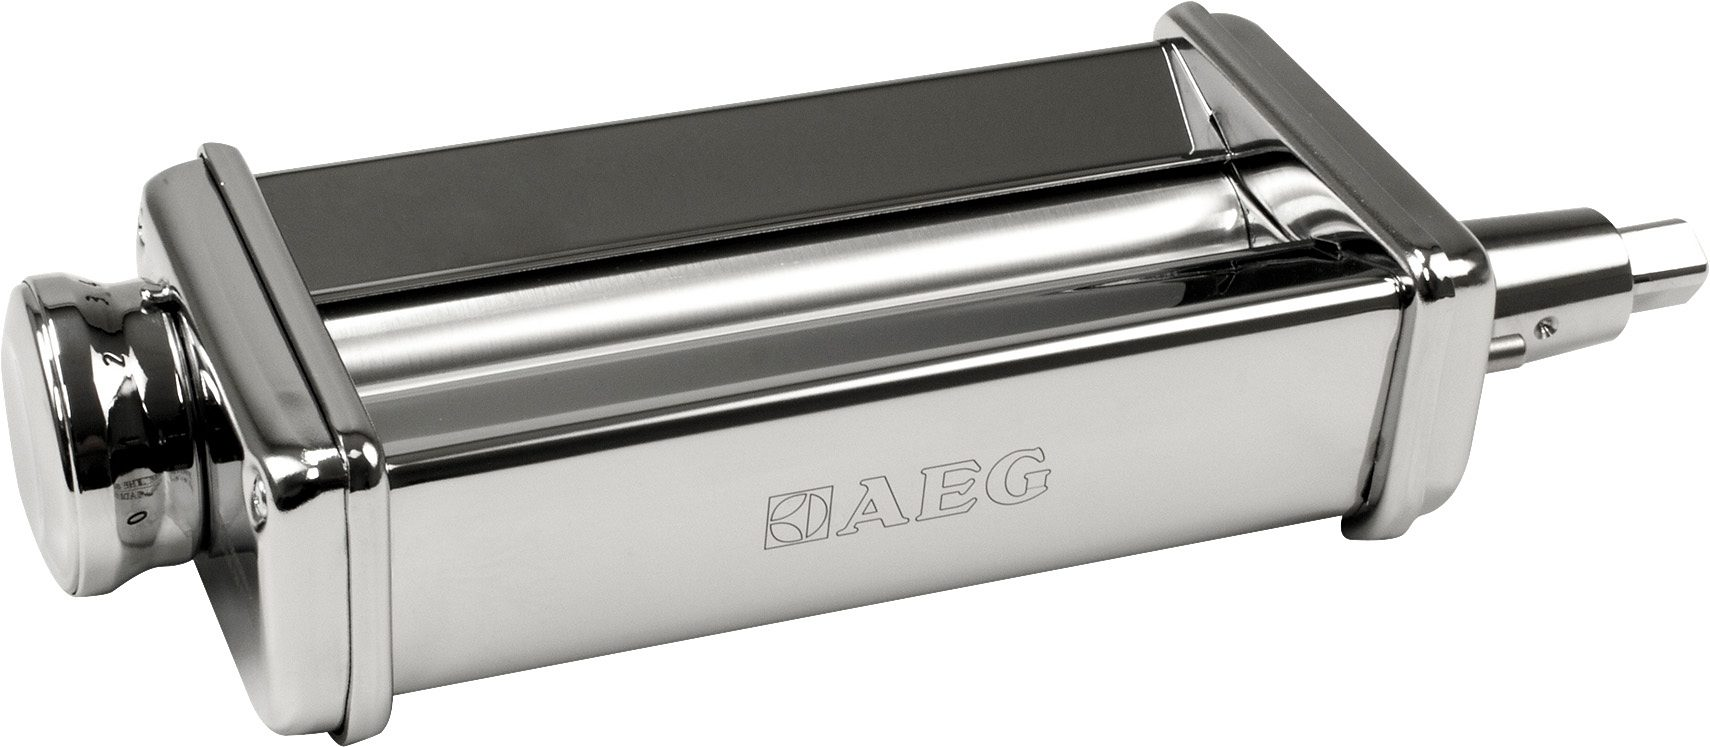 AEG Pasta Roller AUM PR: passend für AEG Küchenmaschinen KM4620/KM4000